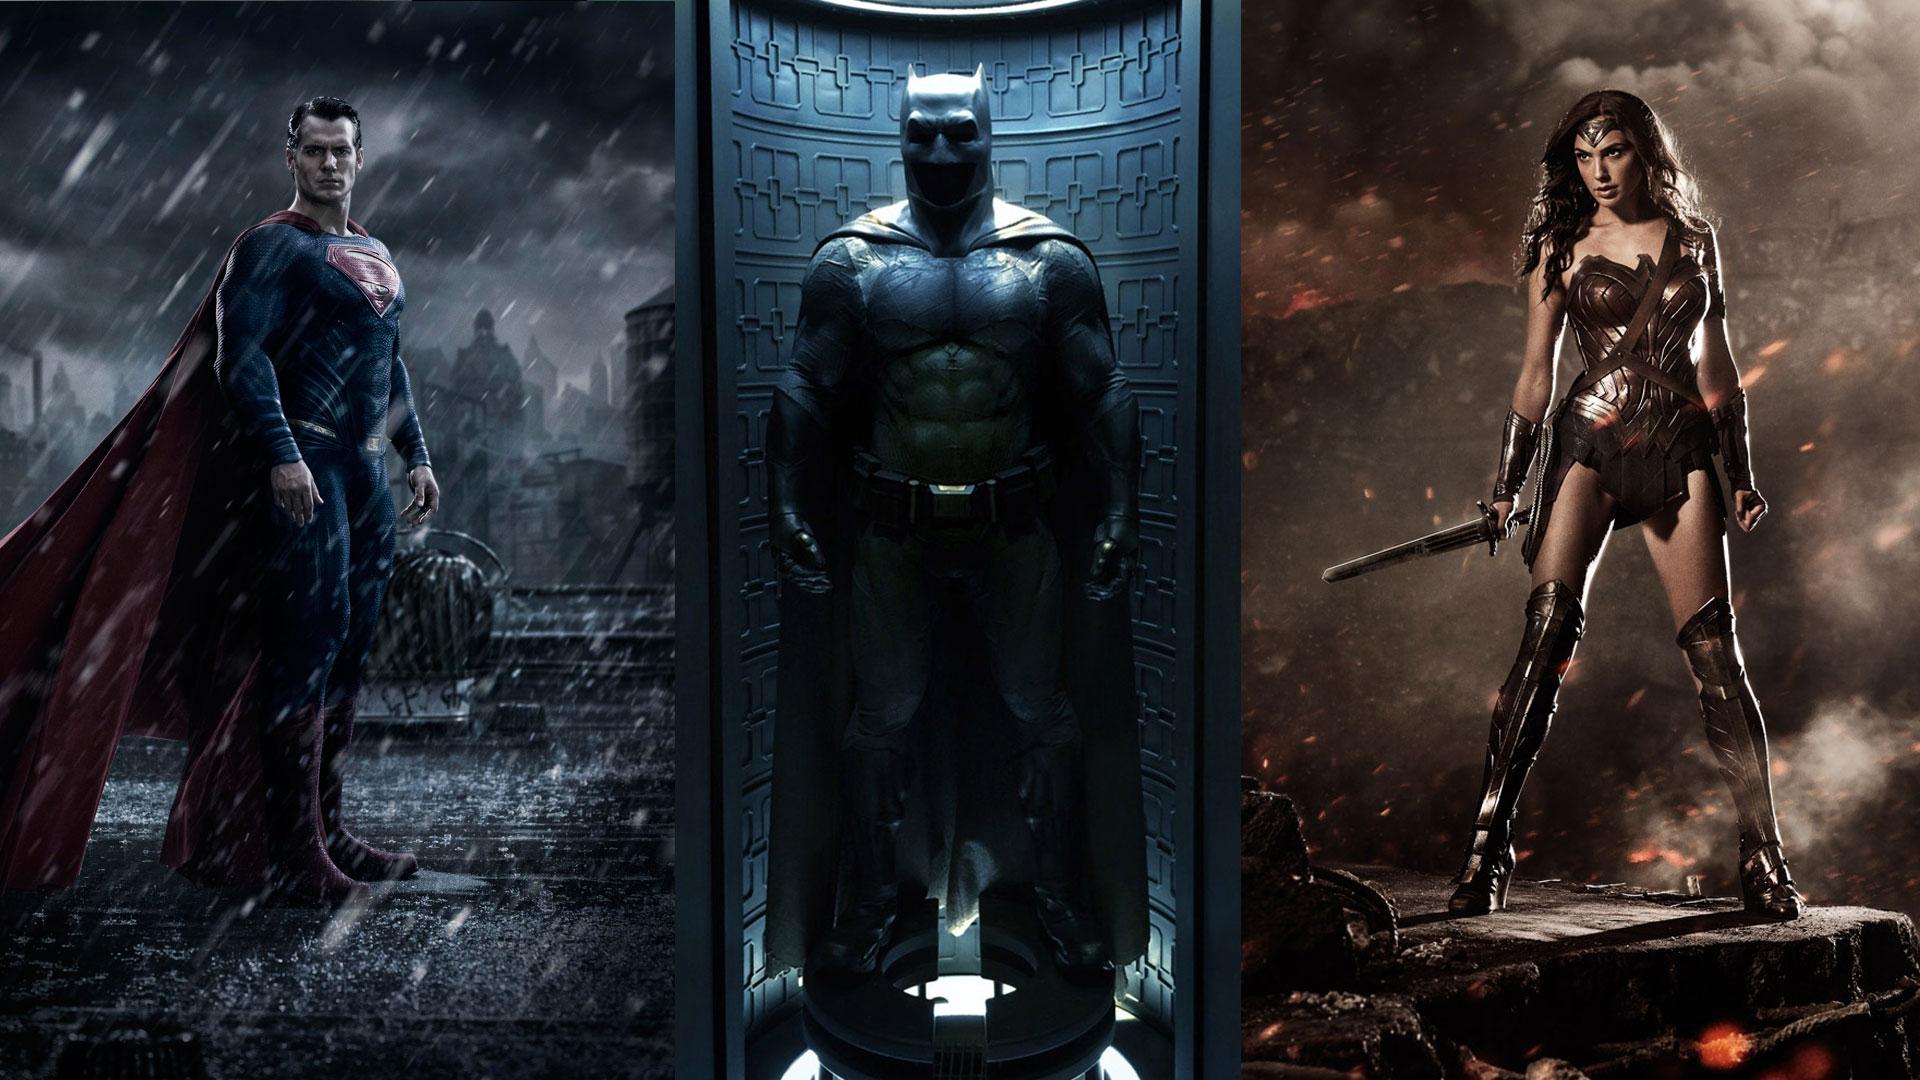 Batman Superman Wonder Woman Wallpaper Wallpapersafari